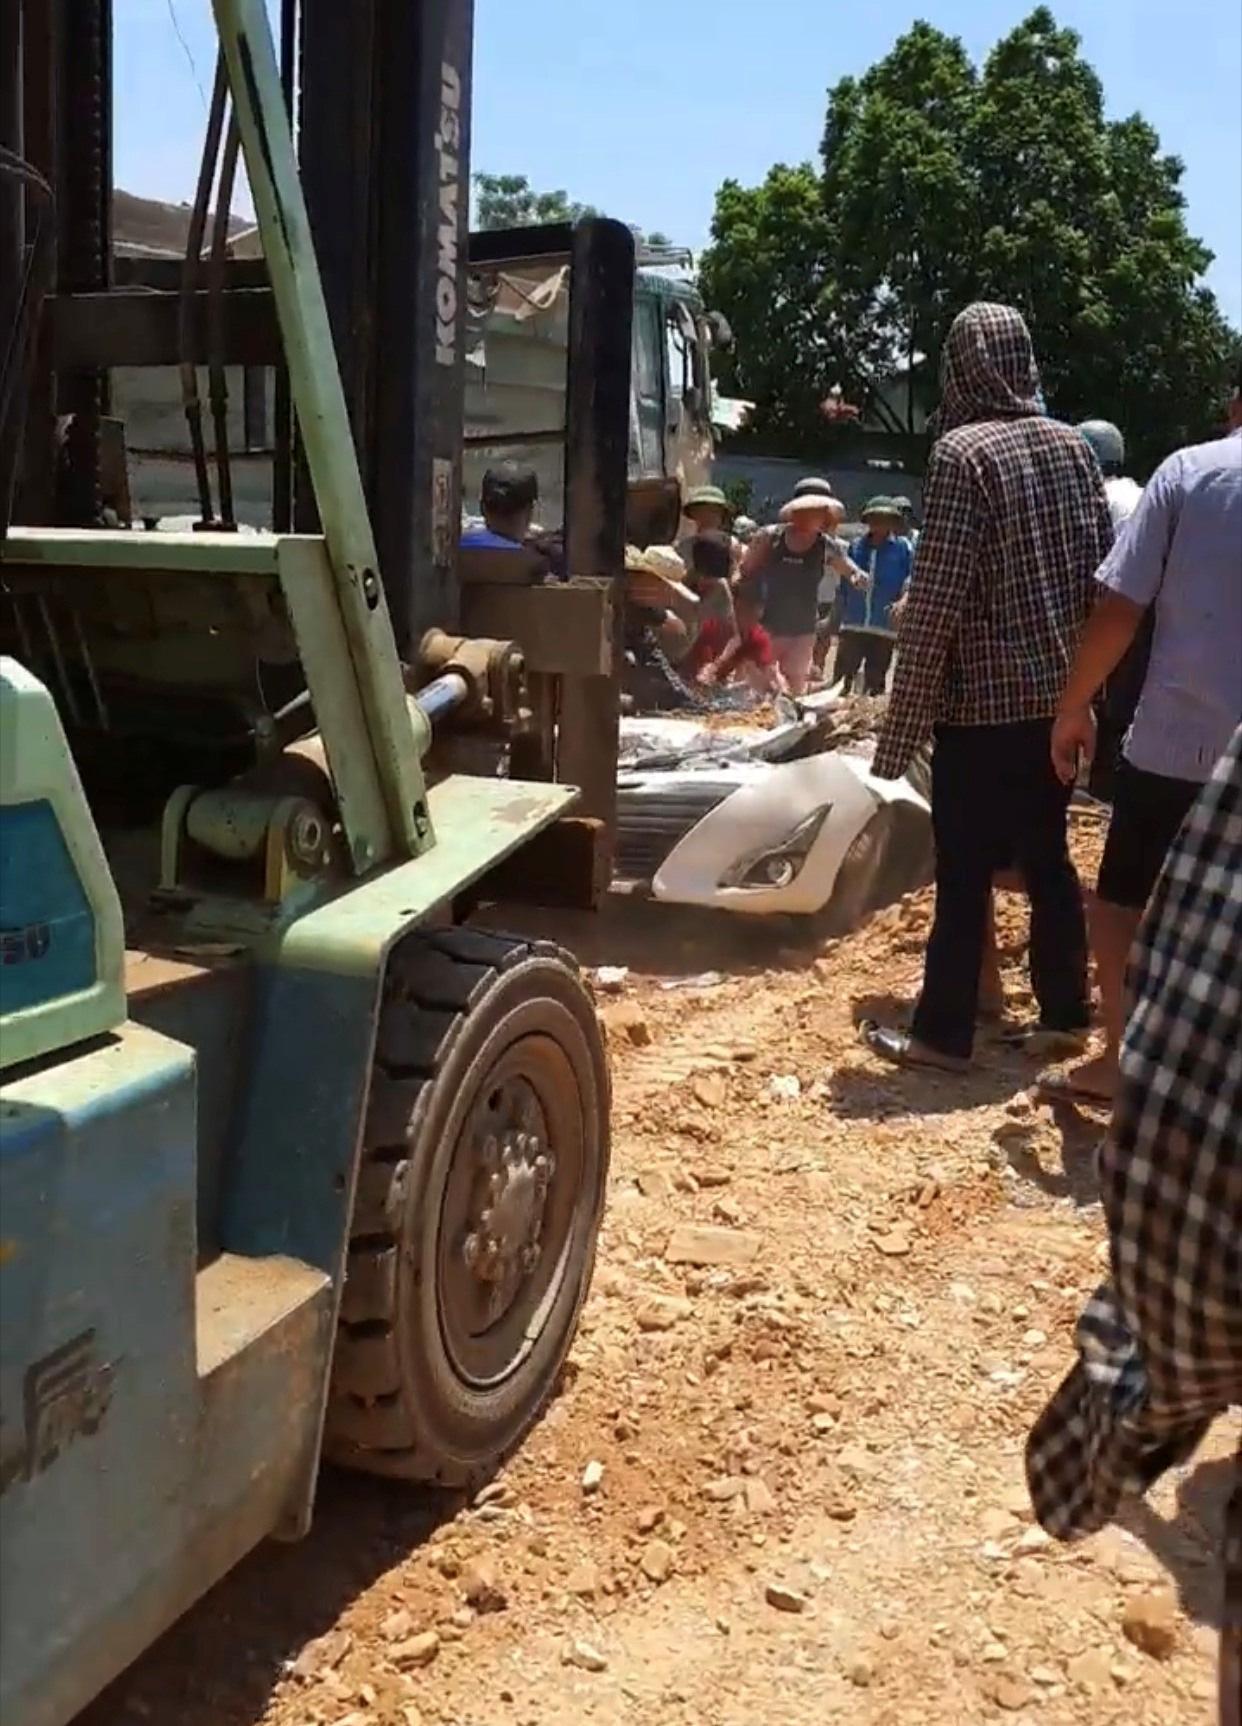 Phó Thủ tướng yêu cầu kiểm tra làm rõ nguyên nhân vụ xe tải đè bẹp xe con, 3 người tử vong - Ảnh 2.